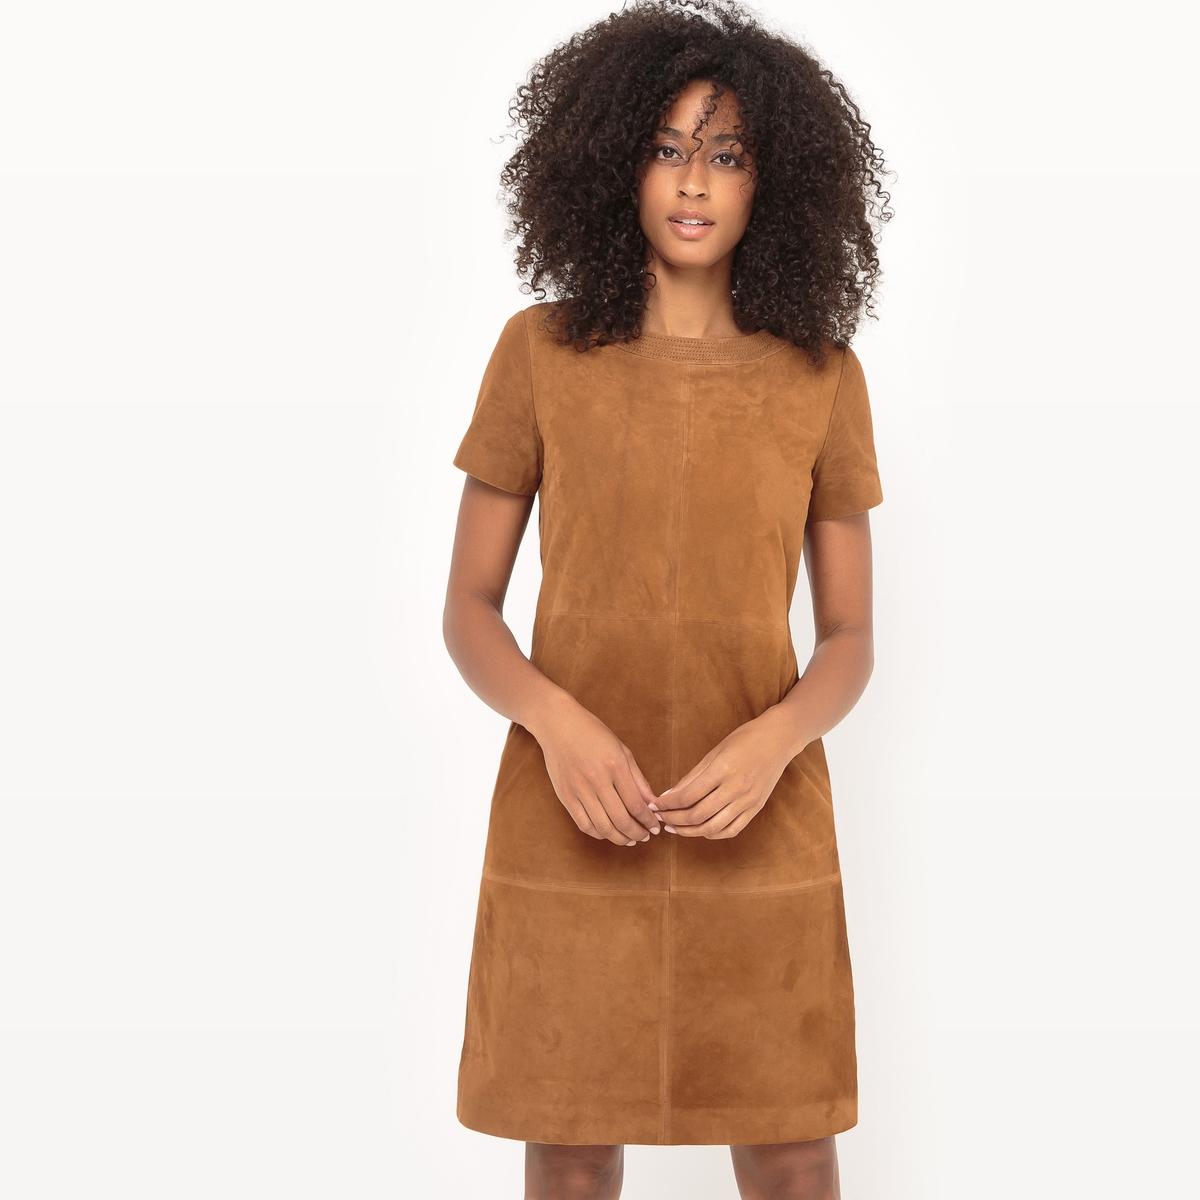 Платье прямое, 100% кожаМатериал : 100% козья кожа      Подкладка : 100% хлопок      Длина рукава : короткие рукава       Форма воротника : Круглый вырез      Покрой платья : платье прямого покроя  Рисунок : Однотонная модель        Длина платья : до колен<br><br>Цвет: темно-бежевый,темно-синий<br>Размер: 52 (FR) - 58 (RUS).50 (FR) - 56 (RUS).48 (FR) - 54 (RUS).38 (FR) - 44 (RUS).52 (FR) - 58 (RUS).48 (FR) - 54 (RUS).46 (FR) - 52 (RUS).42 (FR) - 48 (RUS)